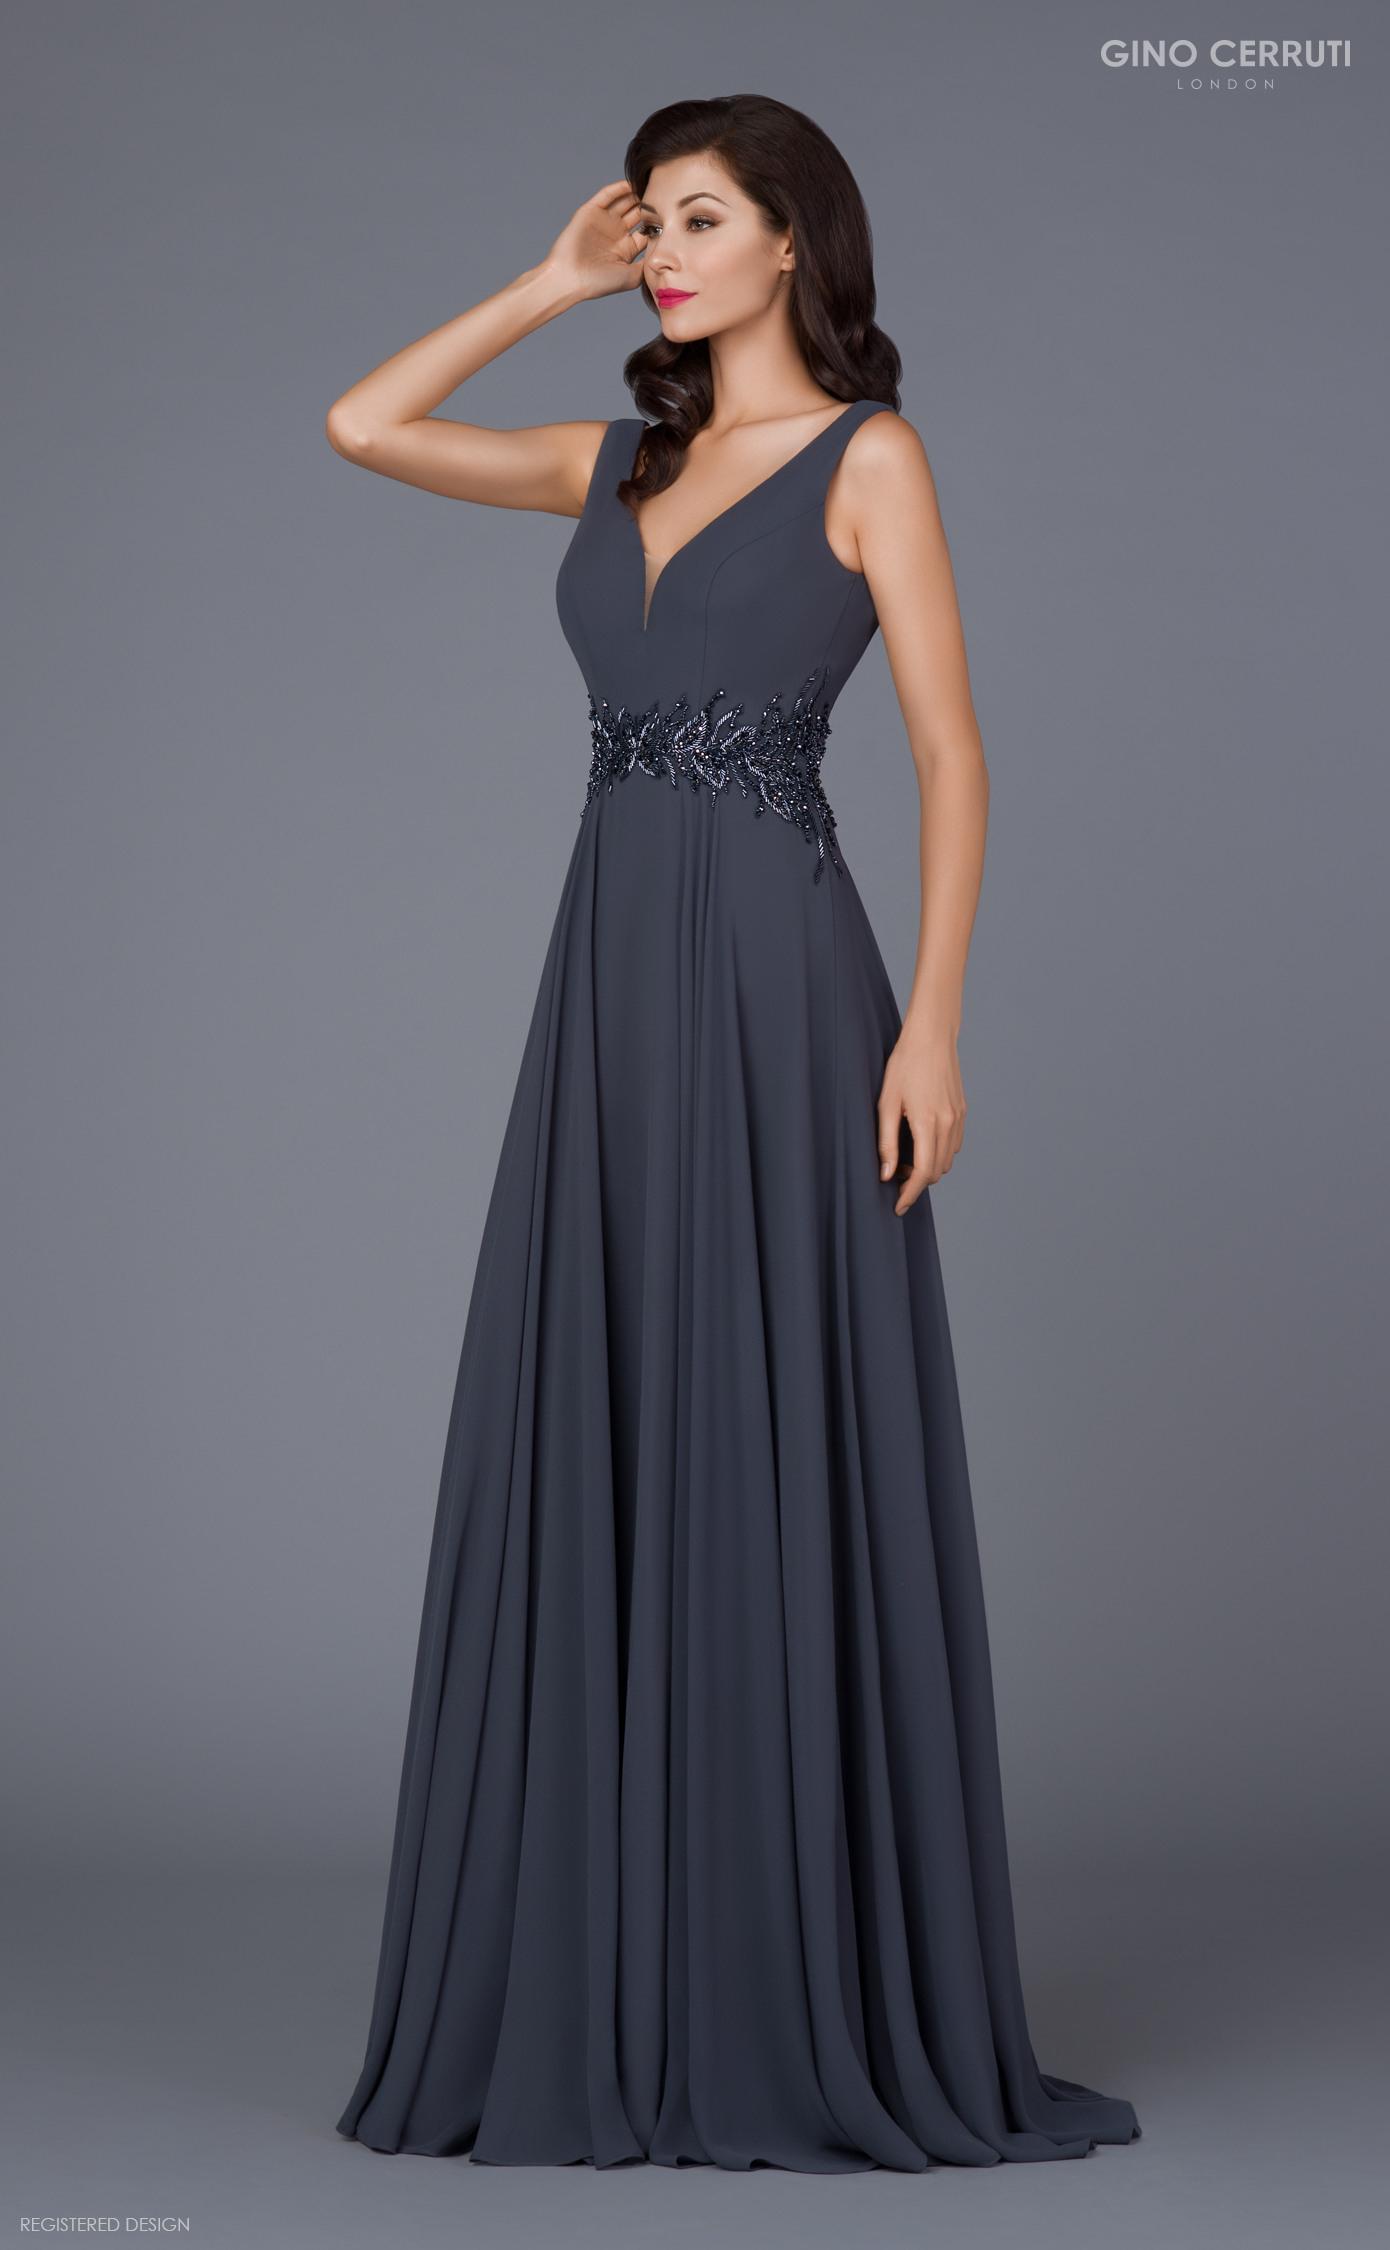 Genial Reduzierte Abendkleider VertriebAbend Einfach Reduzierte Abendkleider Spezialgebiet